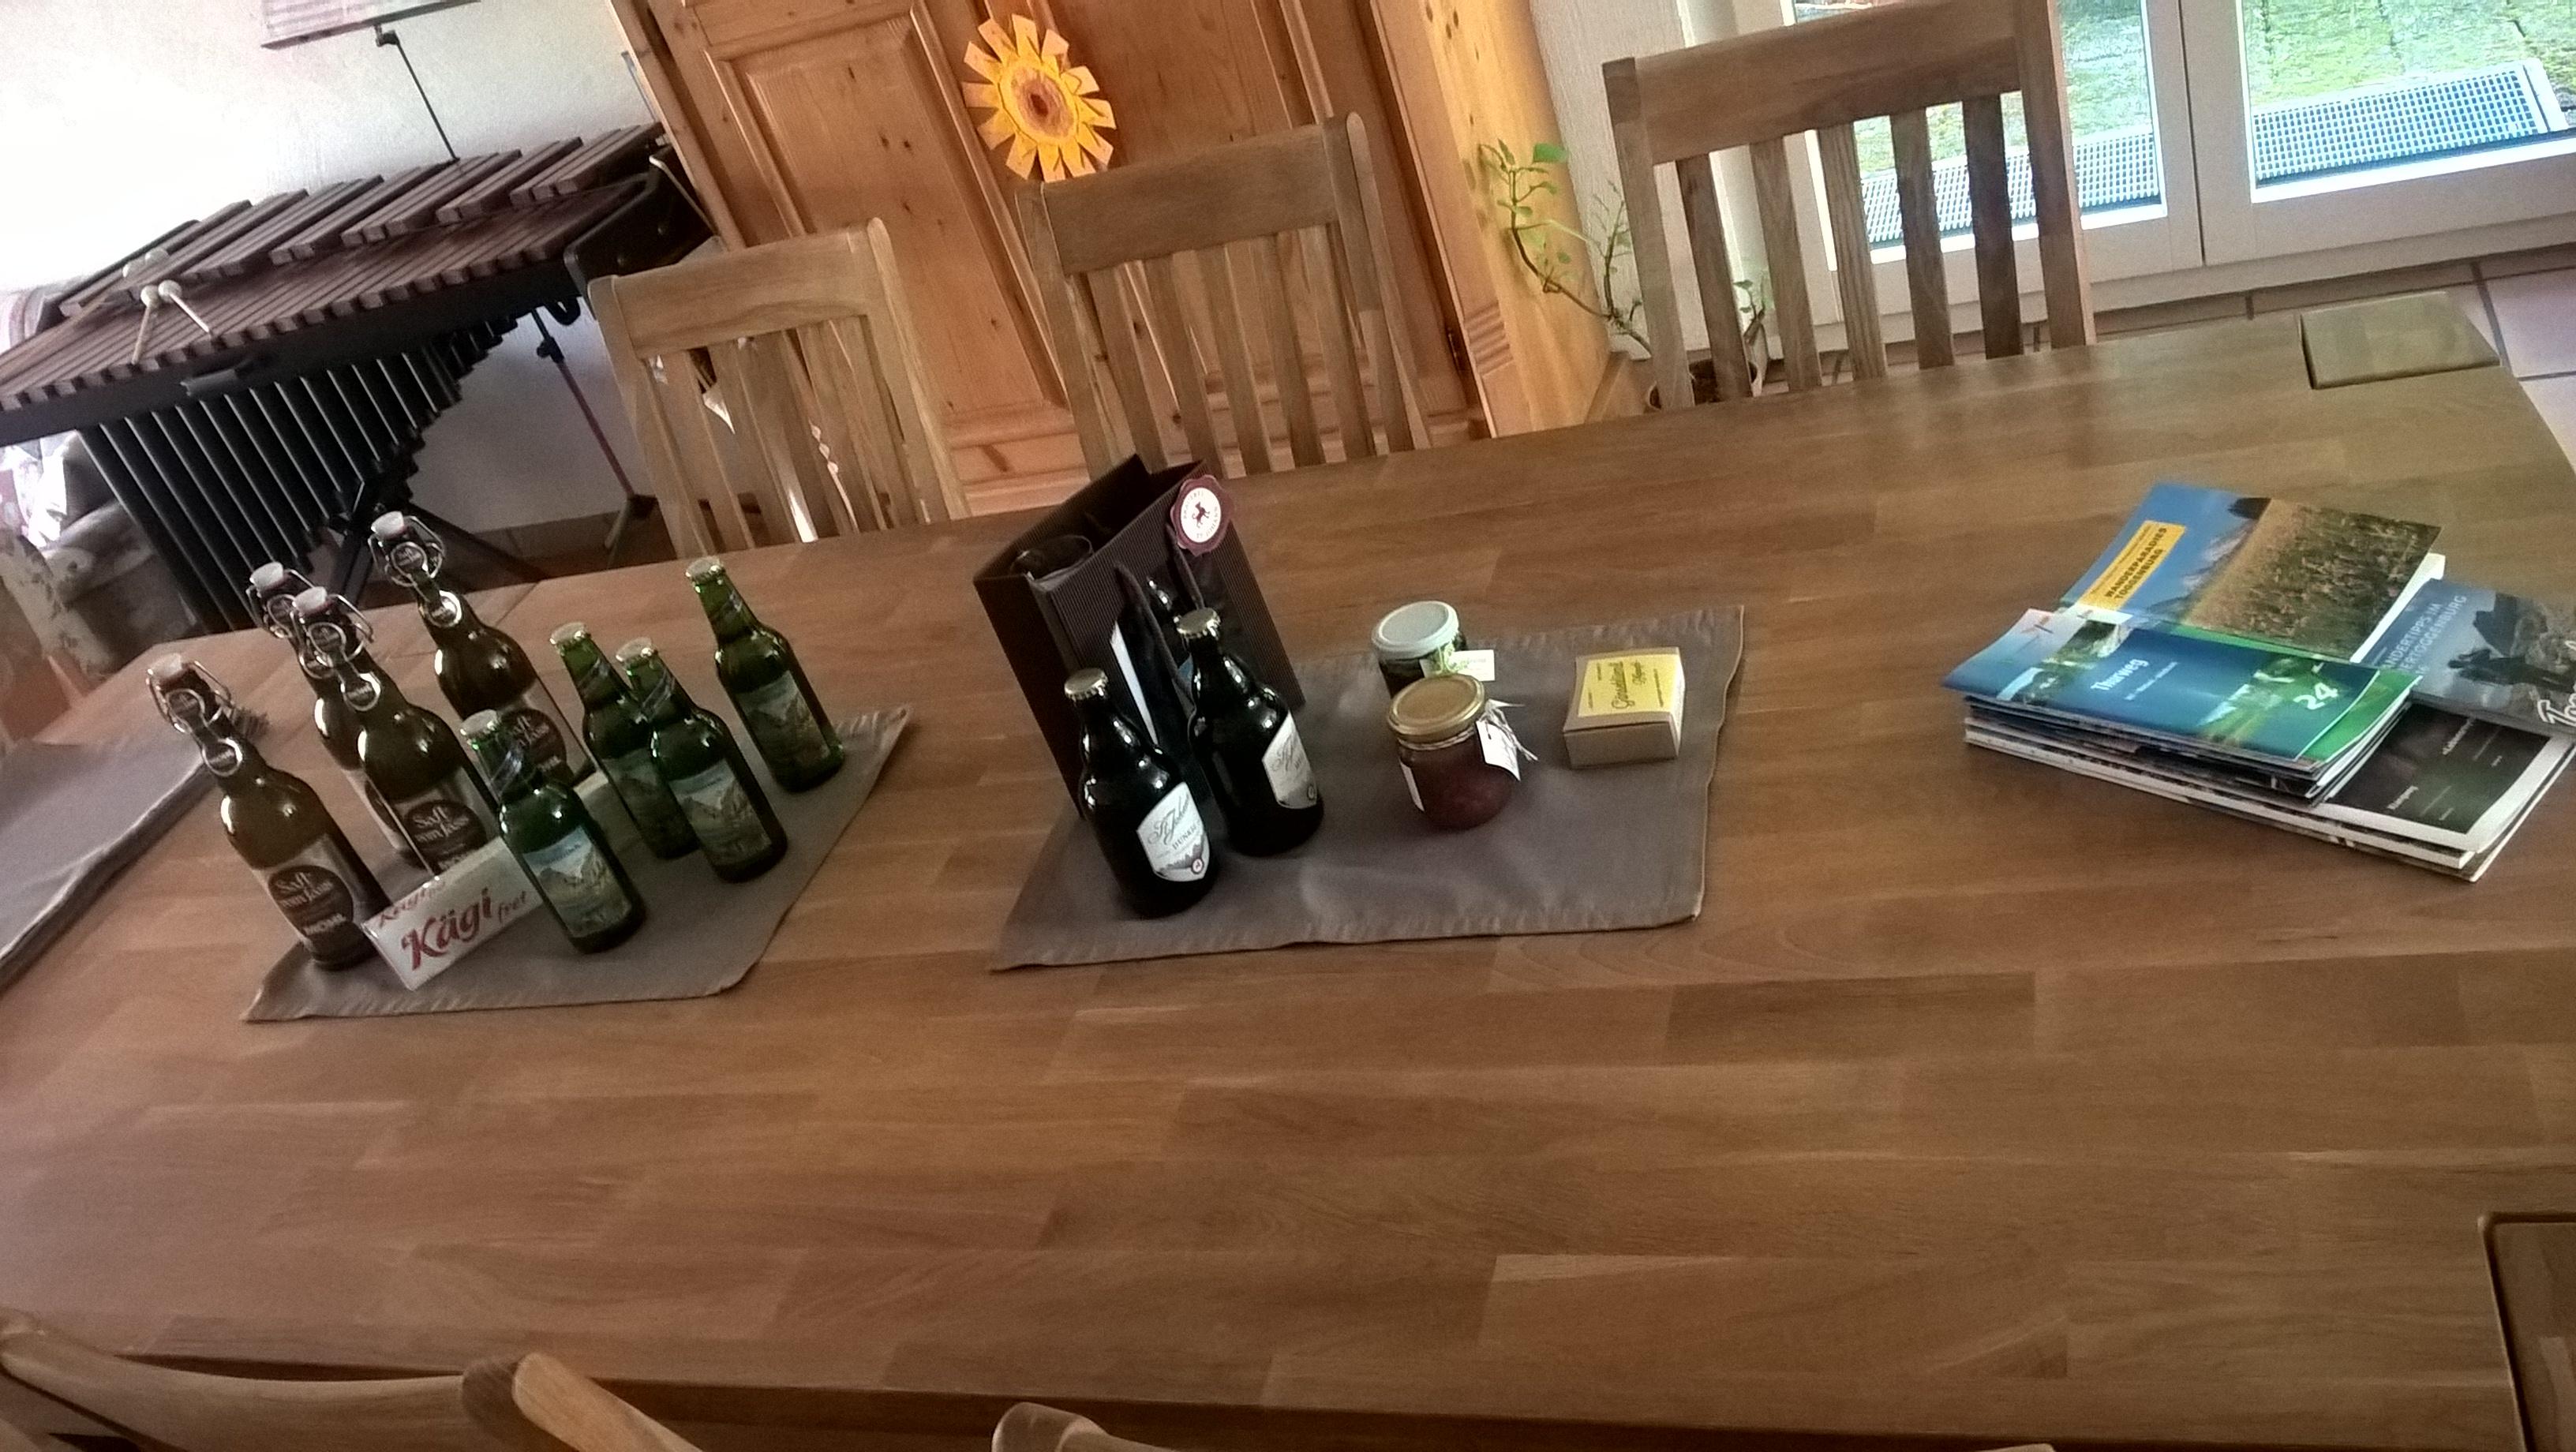 Husets ældste datter Melanie havde arrangeret en fin velkomst til os med ost, cider, chokolade og marmelade...